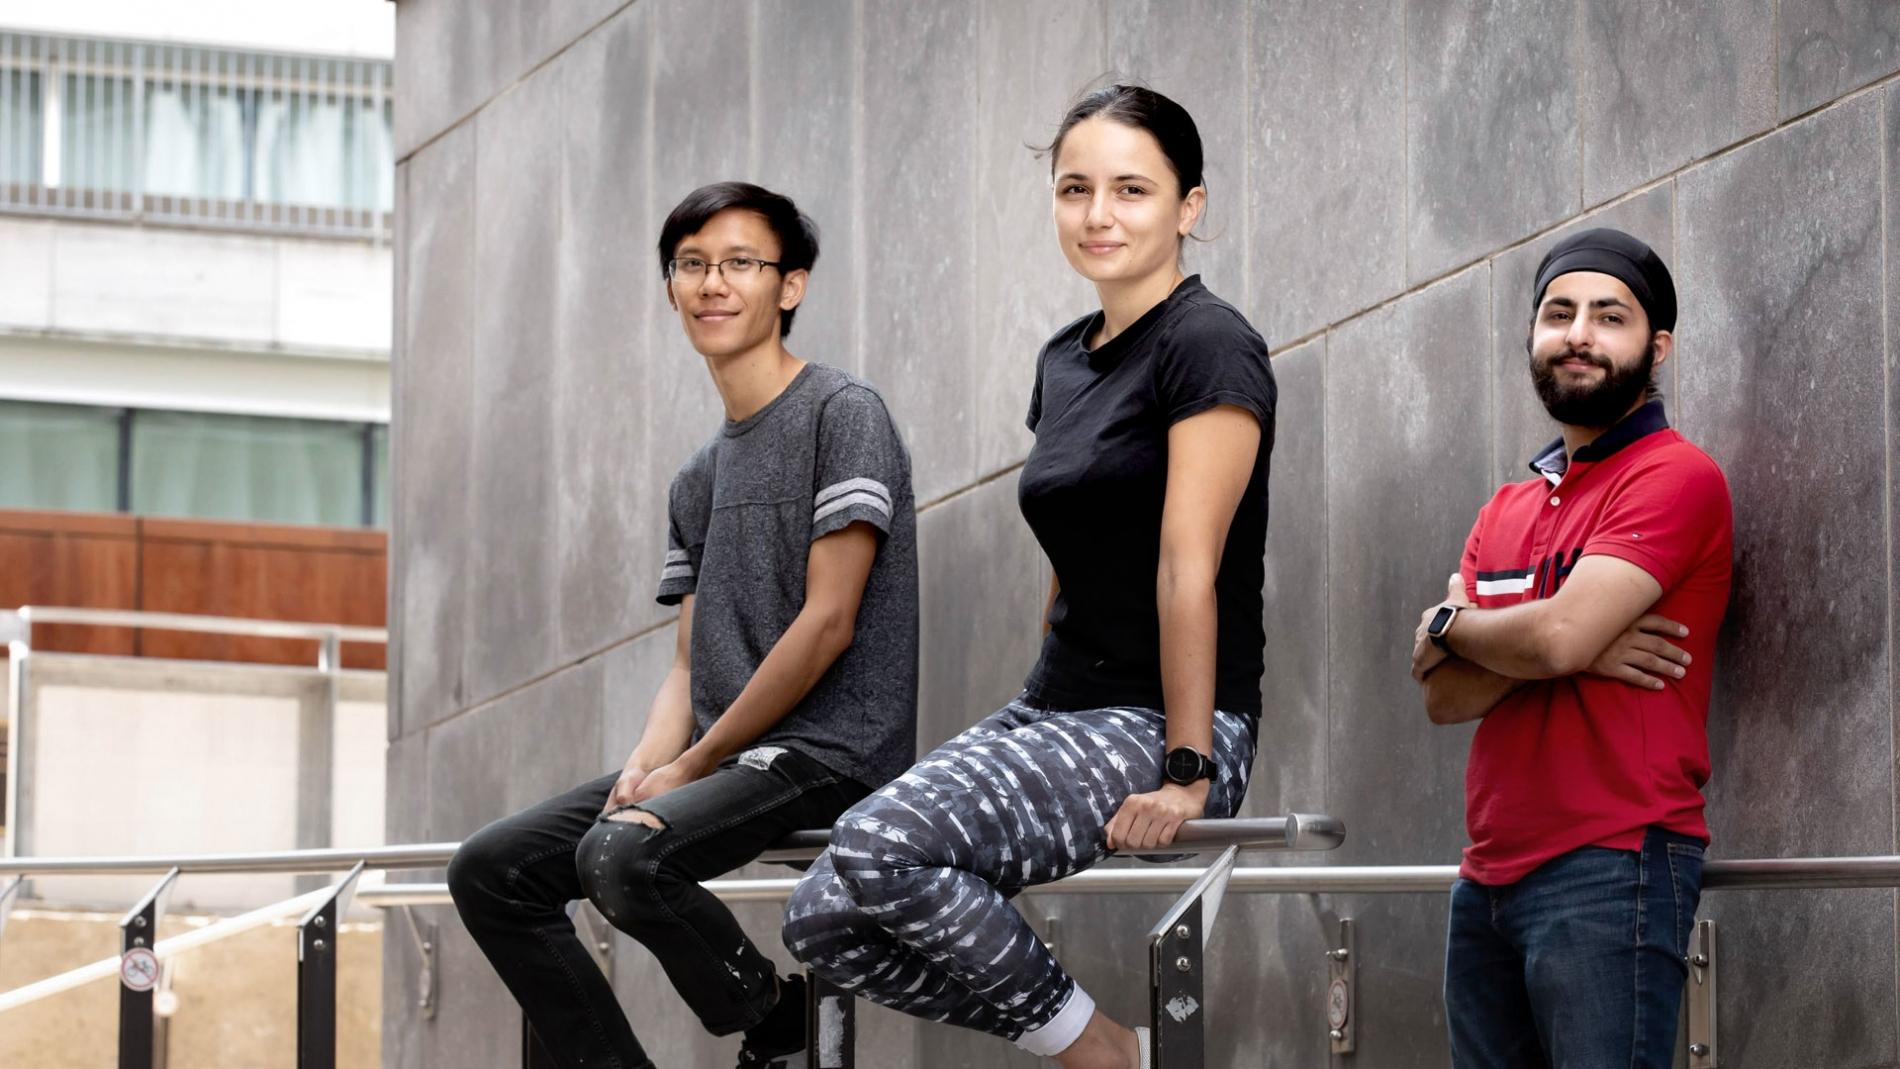 Kirk Lau, Simina Alungulesa, and Arneet Kalra